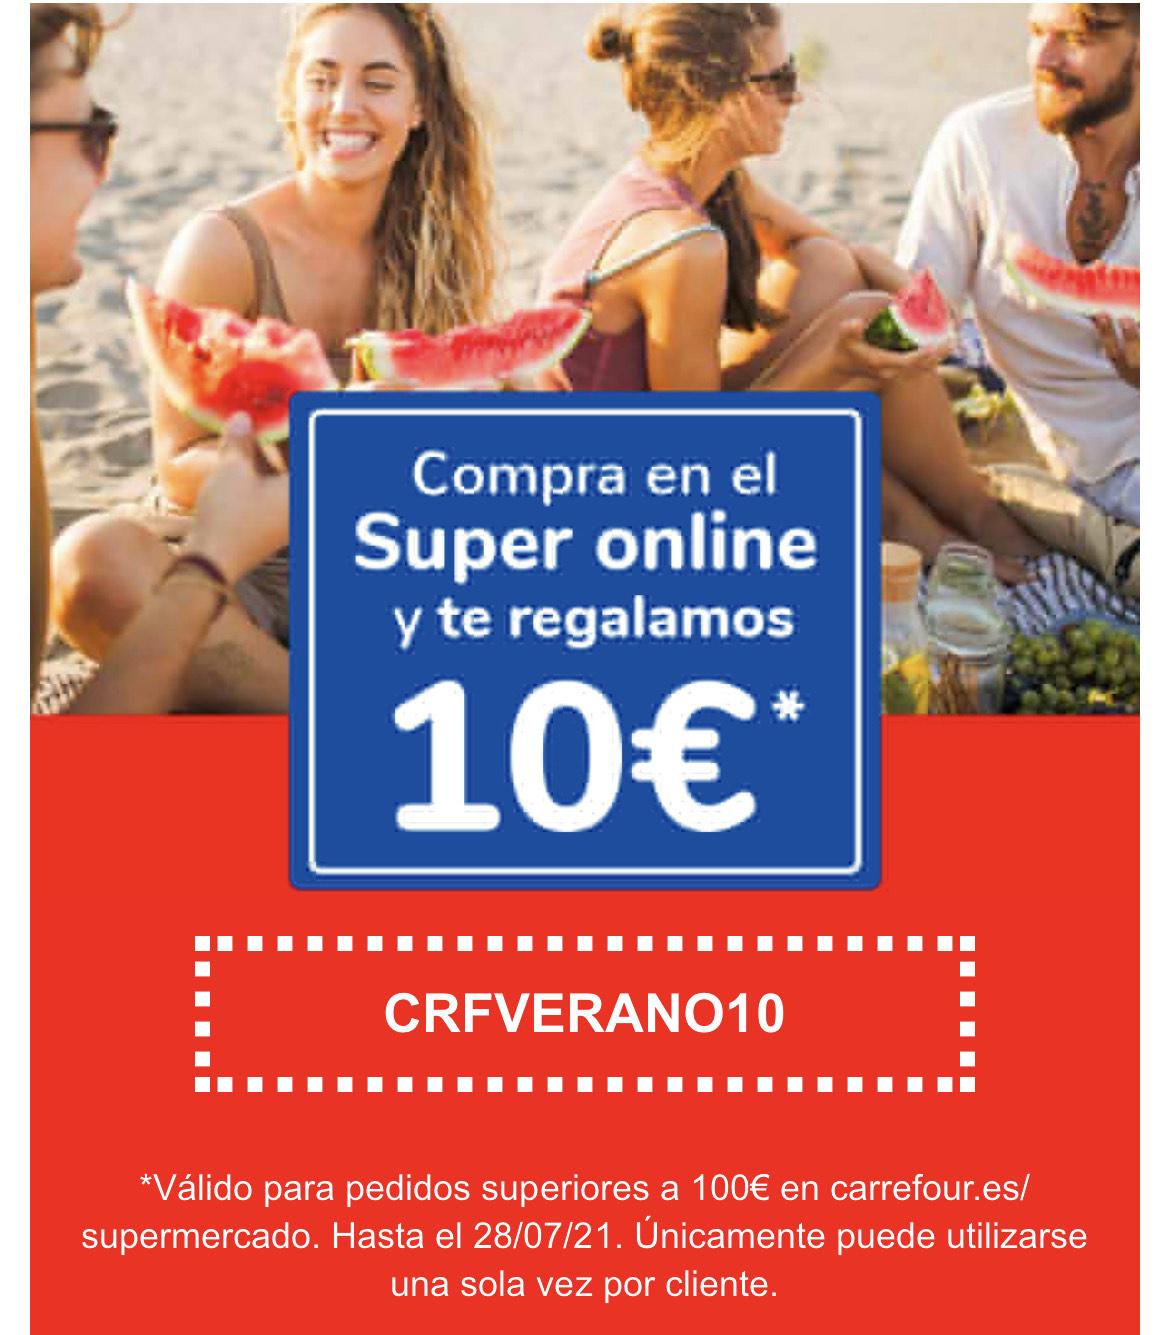 10€ de descuento en compra online (100€ gasto mínimo)